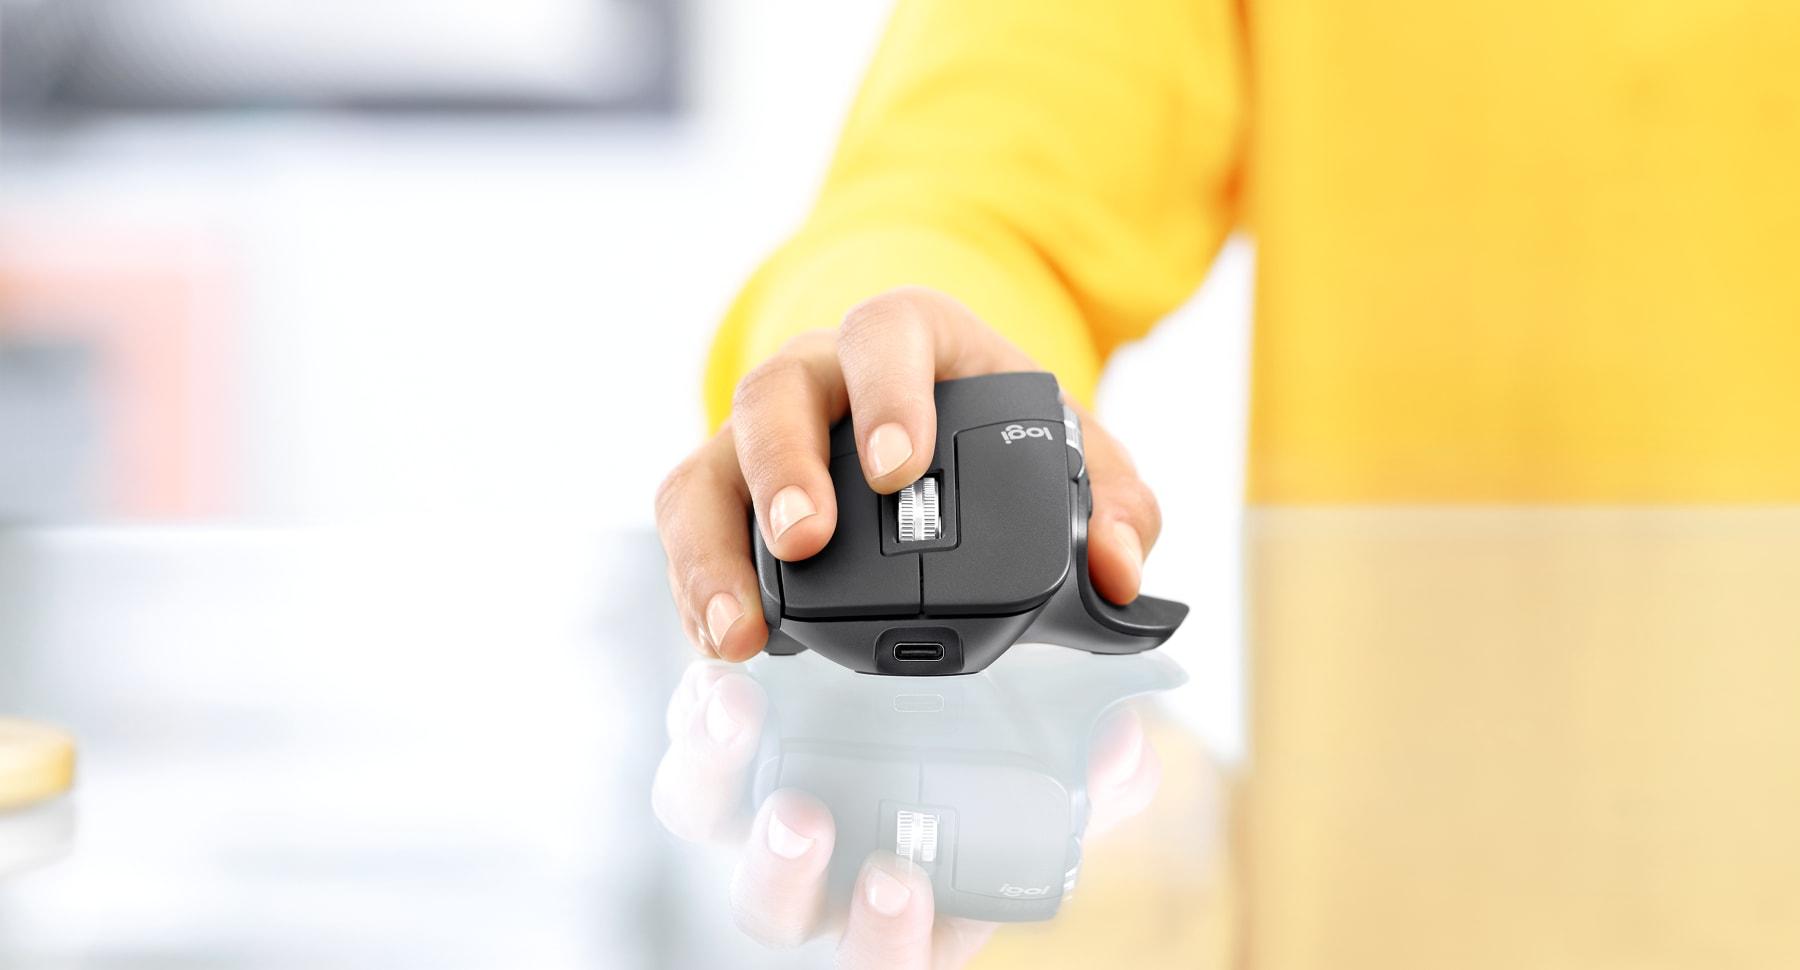 Chuột không dây Logitech MX Master 3 (USB/Bluetooth/Đen) trang bị mắt đọc cao cấp có thể di chuyển trên nhiều bề mặt